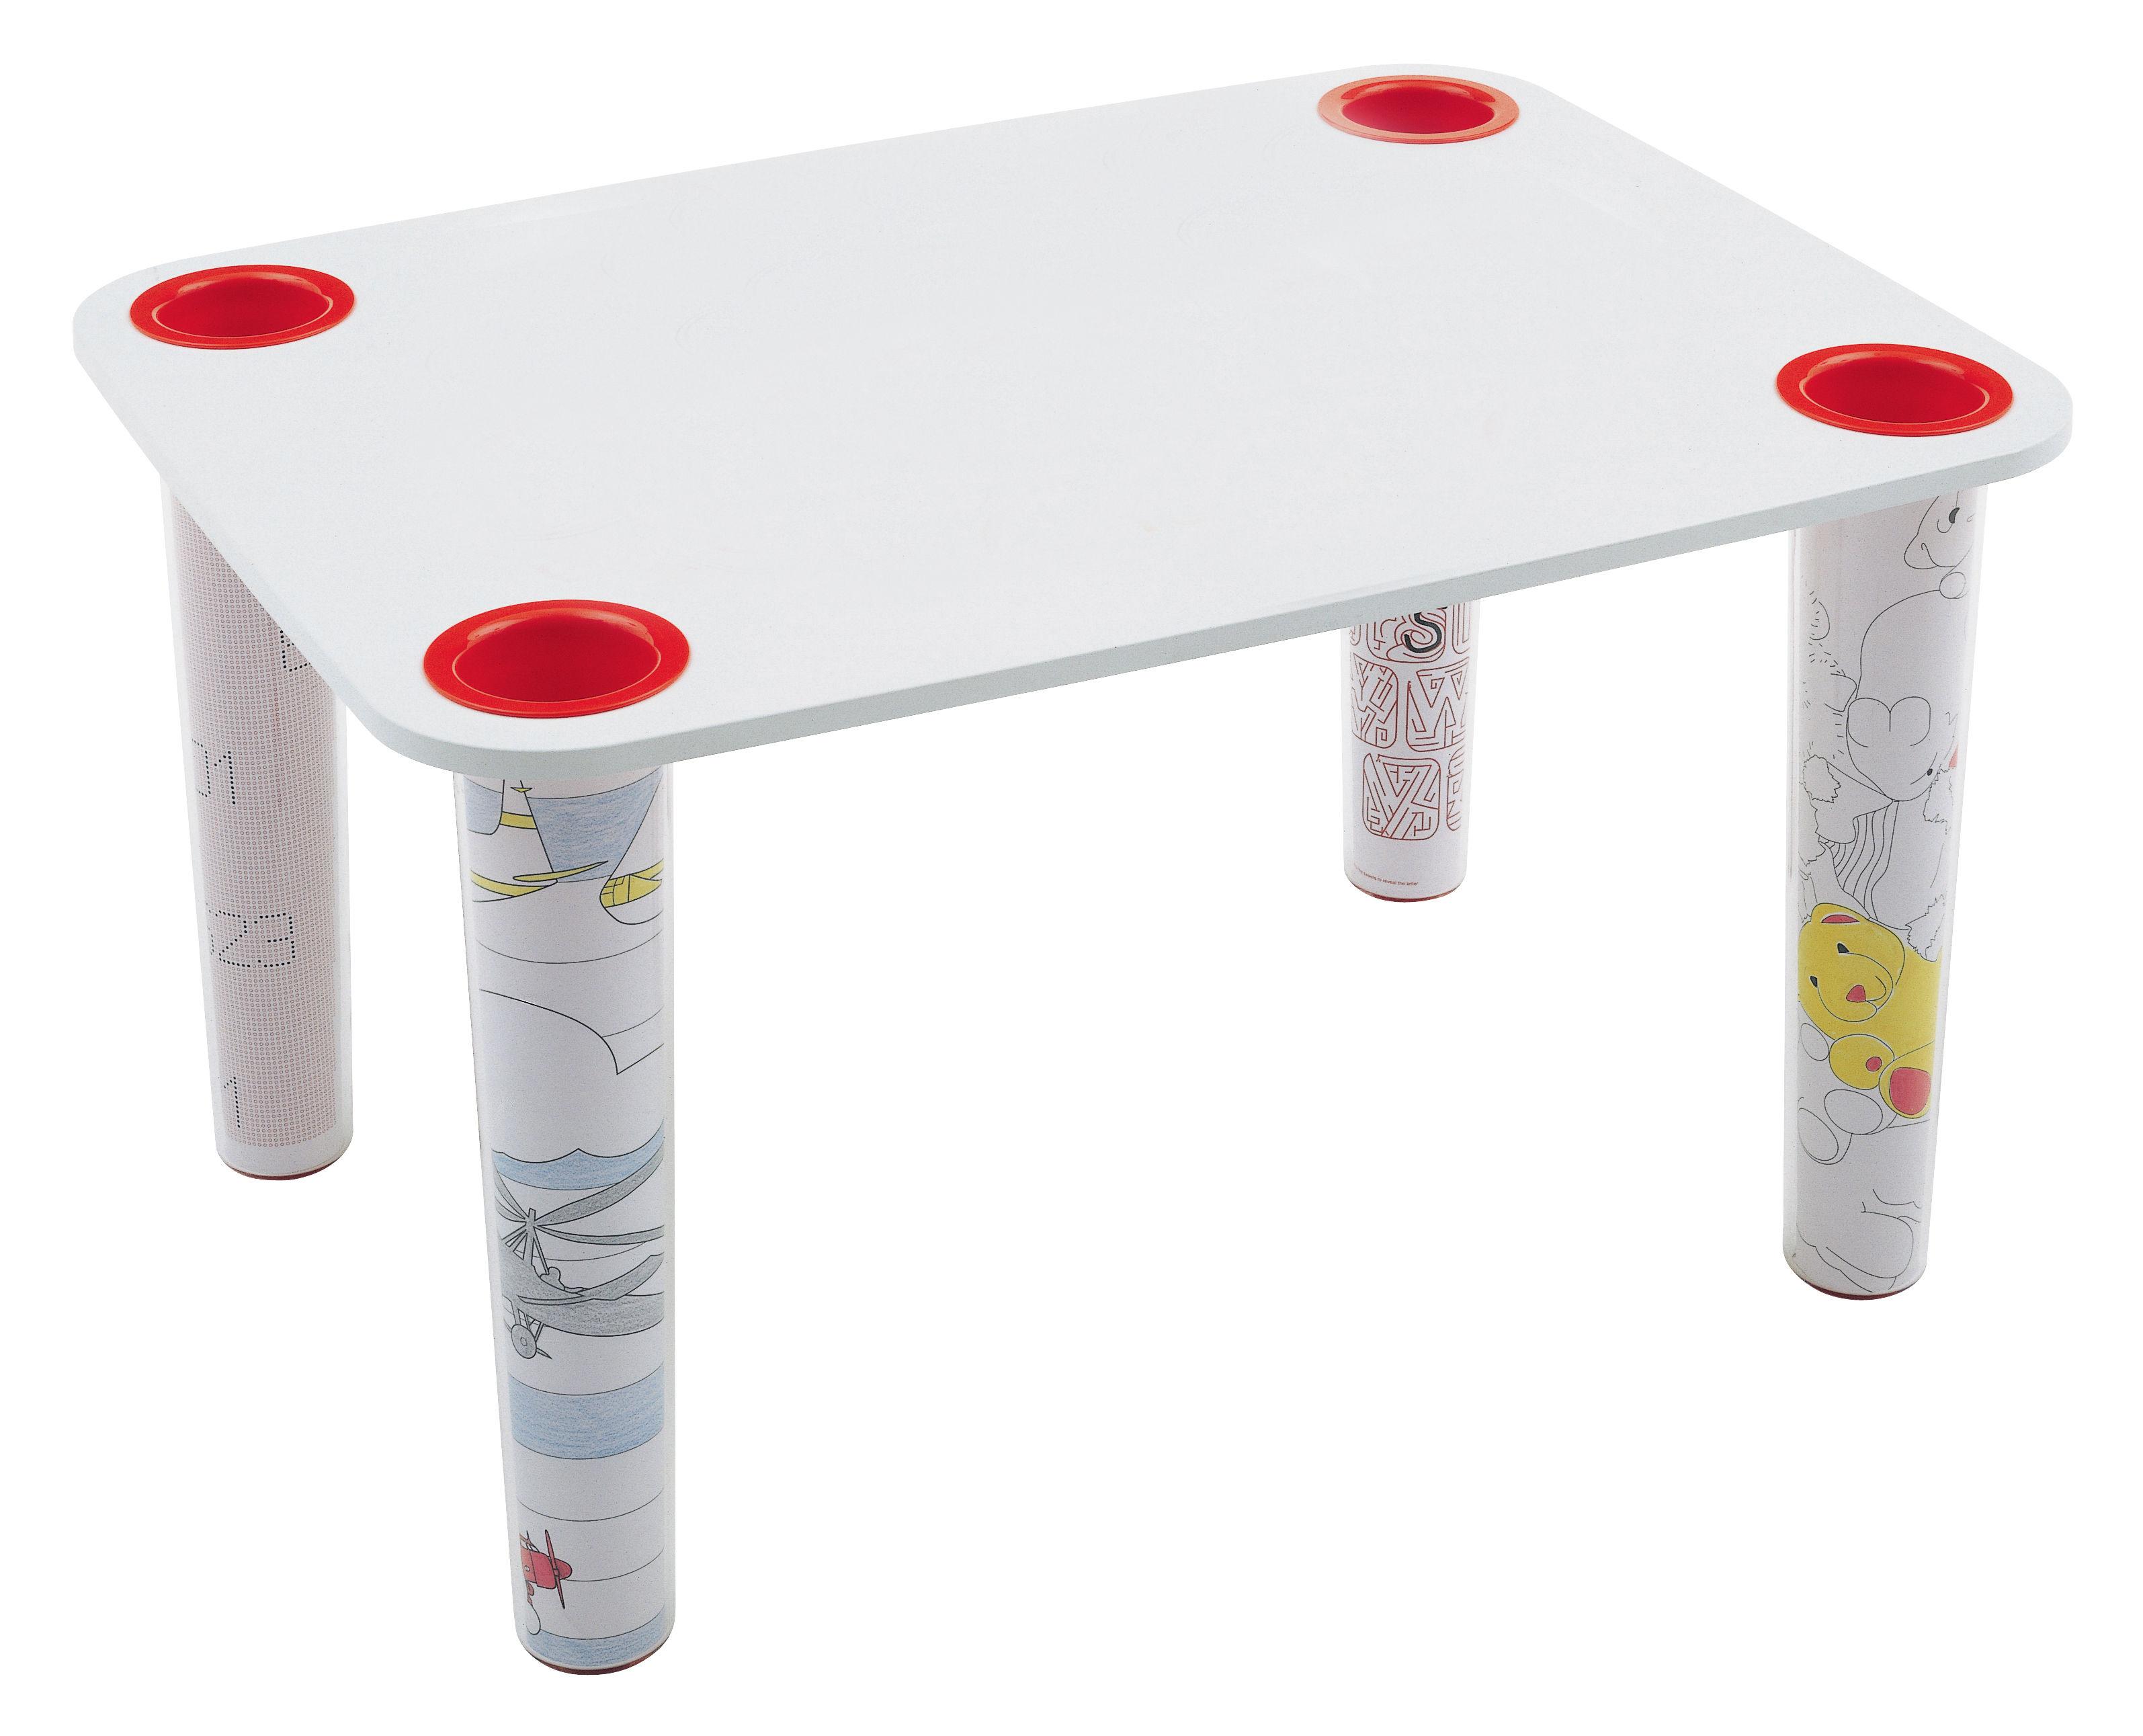 Mobilier - Mobilier Kids - Accessoire table / Plateau Little Flare - Magis Collection Me Too - Plateau seul / Blanc uni - MDF finition polymère